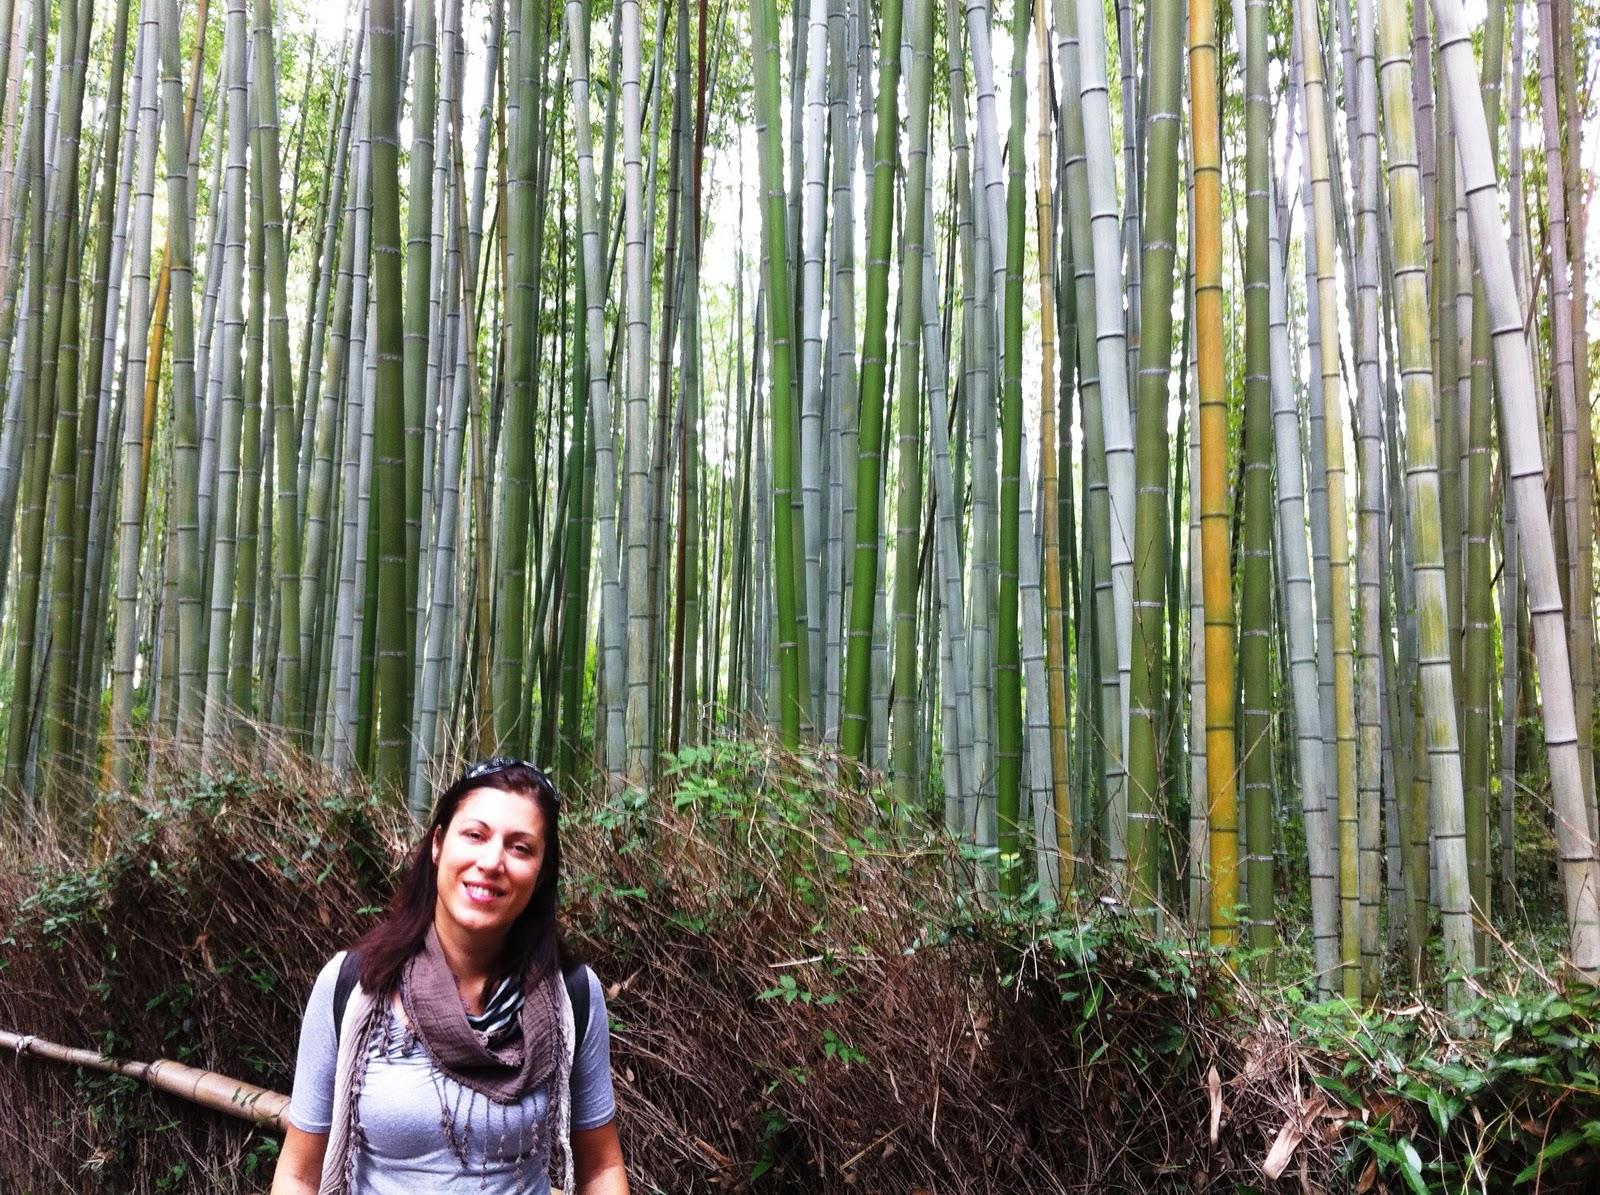 Bosco Di Bamb.Giappone Volo Di Andata E Forse Ritorno Il Bosco Di